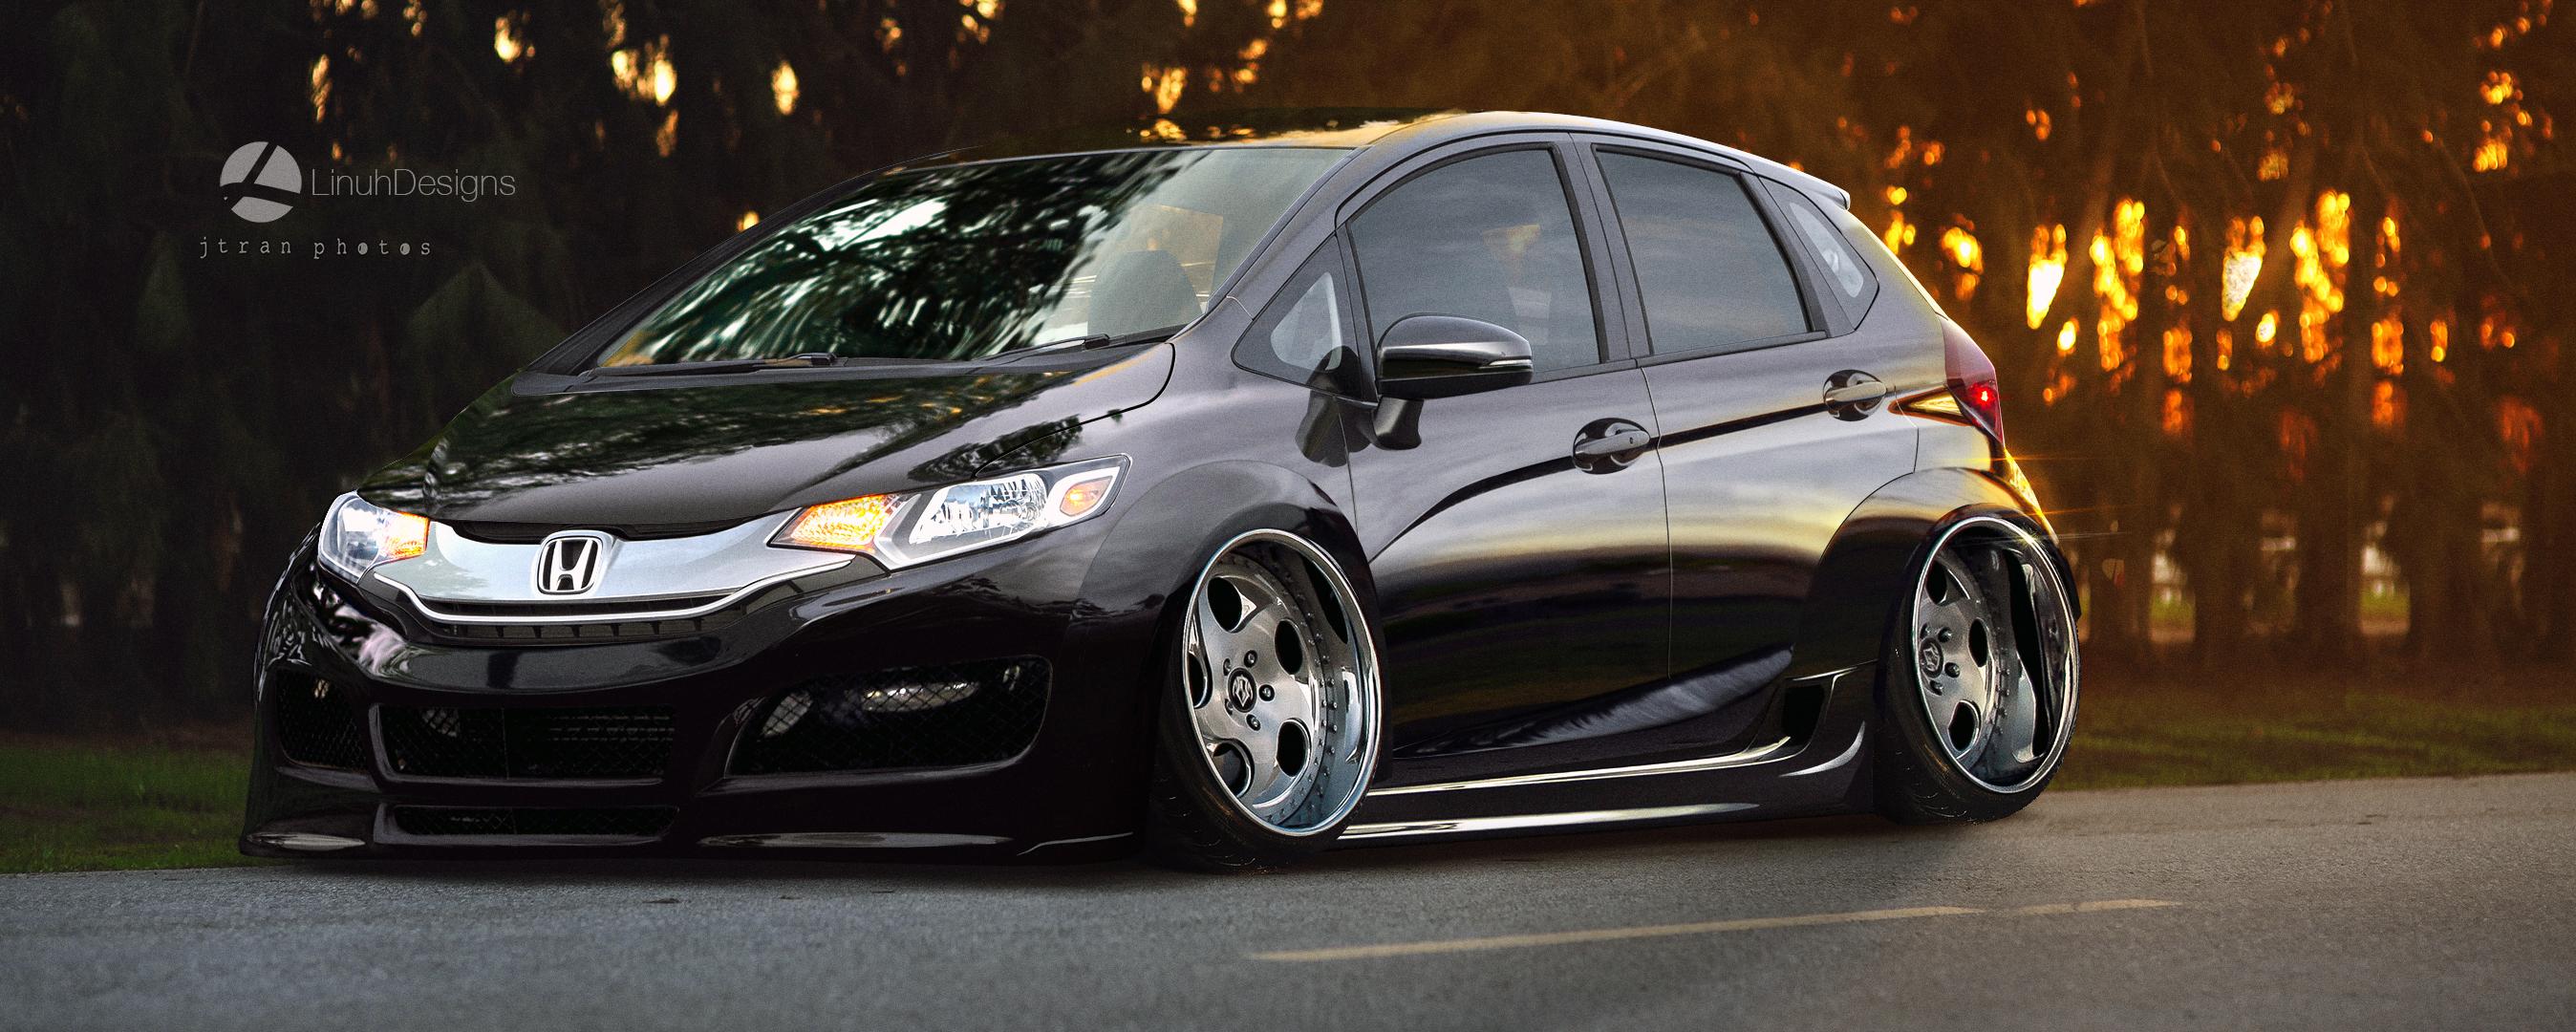 2014 honda fit autos weblog for Honda fit horsepower